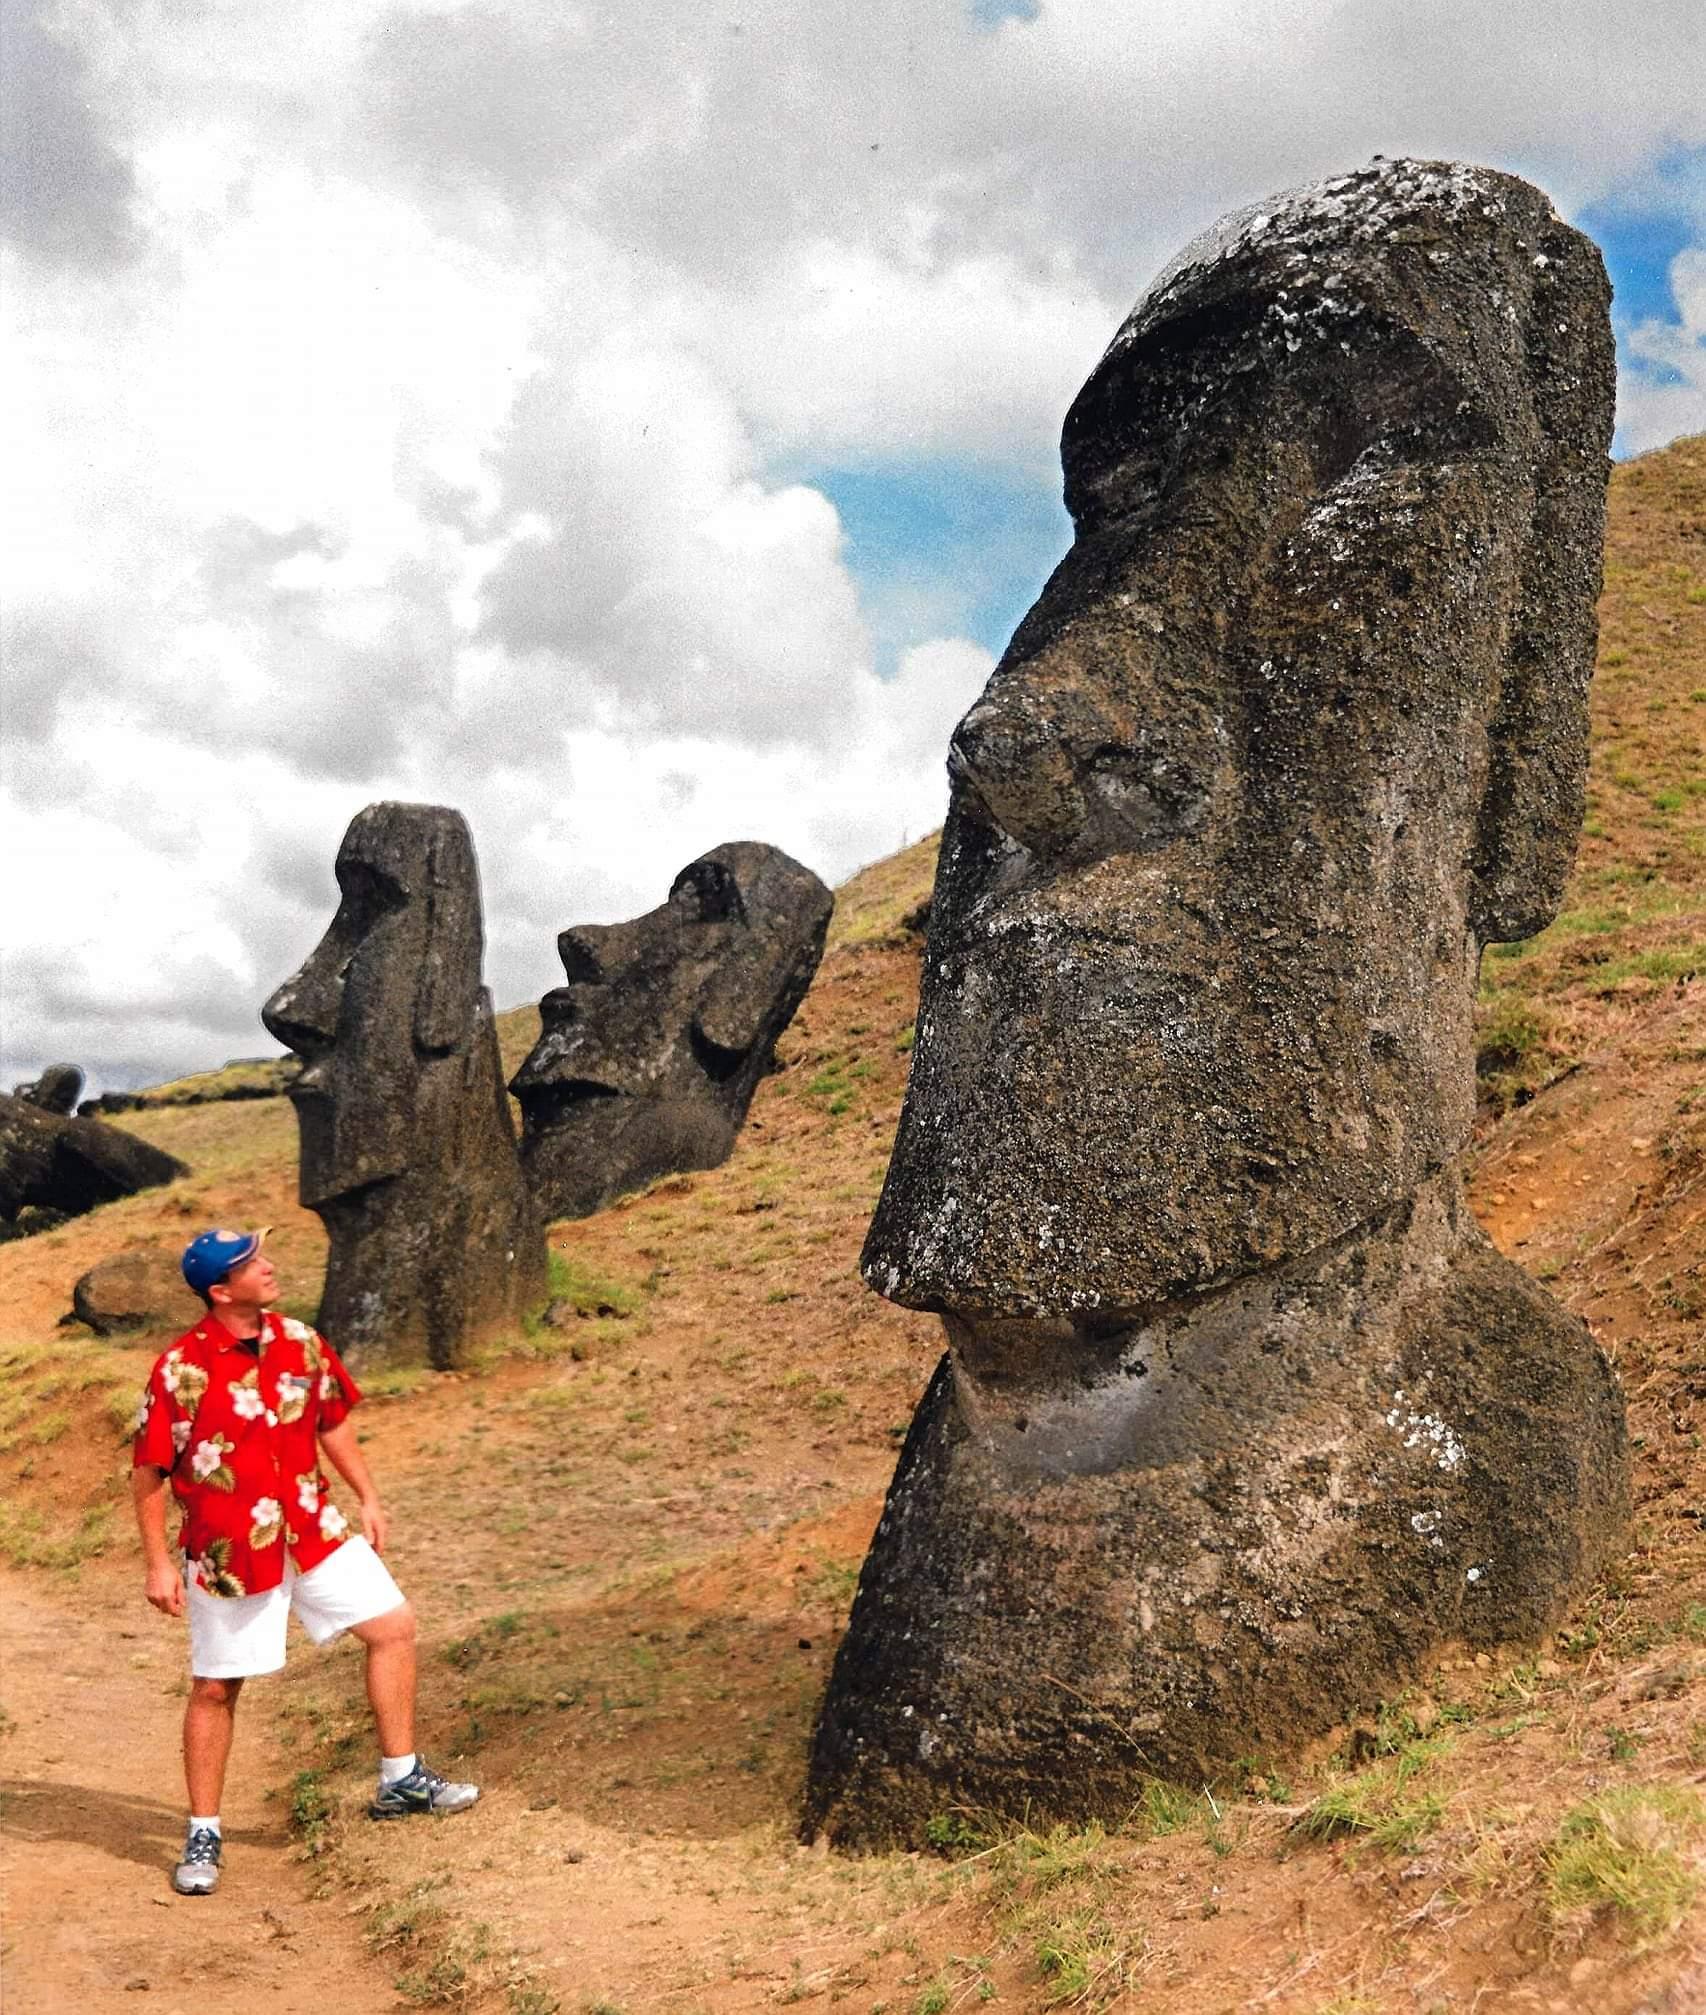 Easter Island, Chile. Meeting the Moai at Rano Raraku